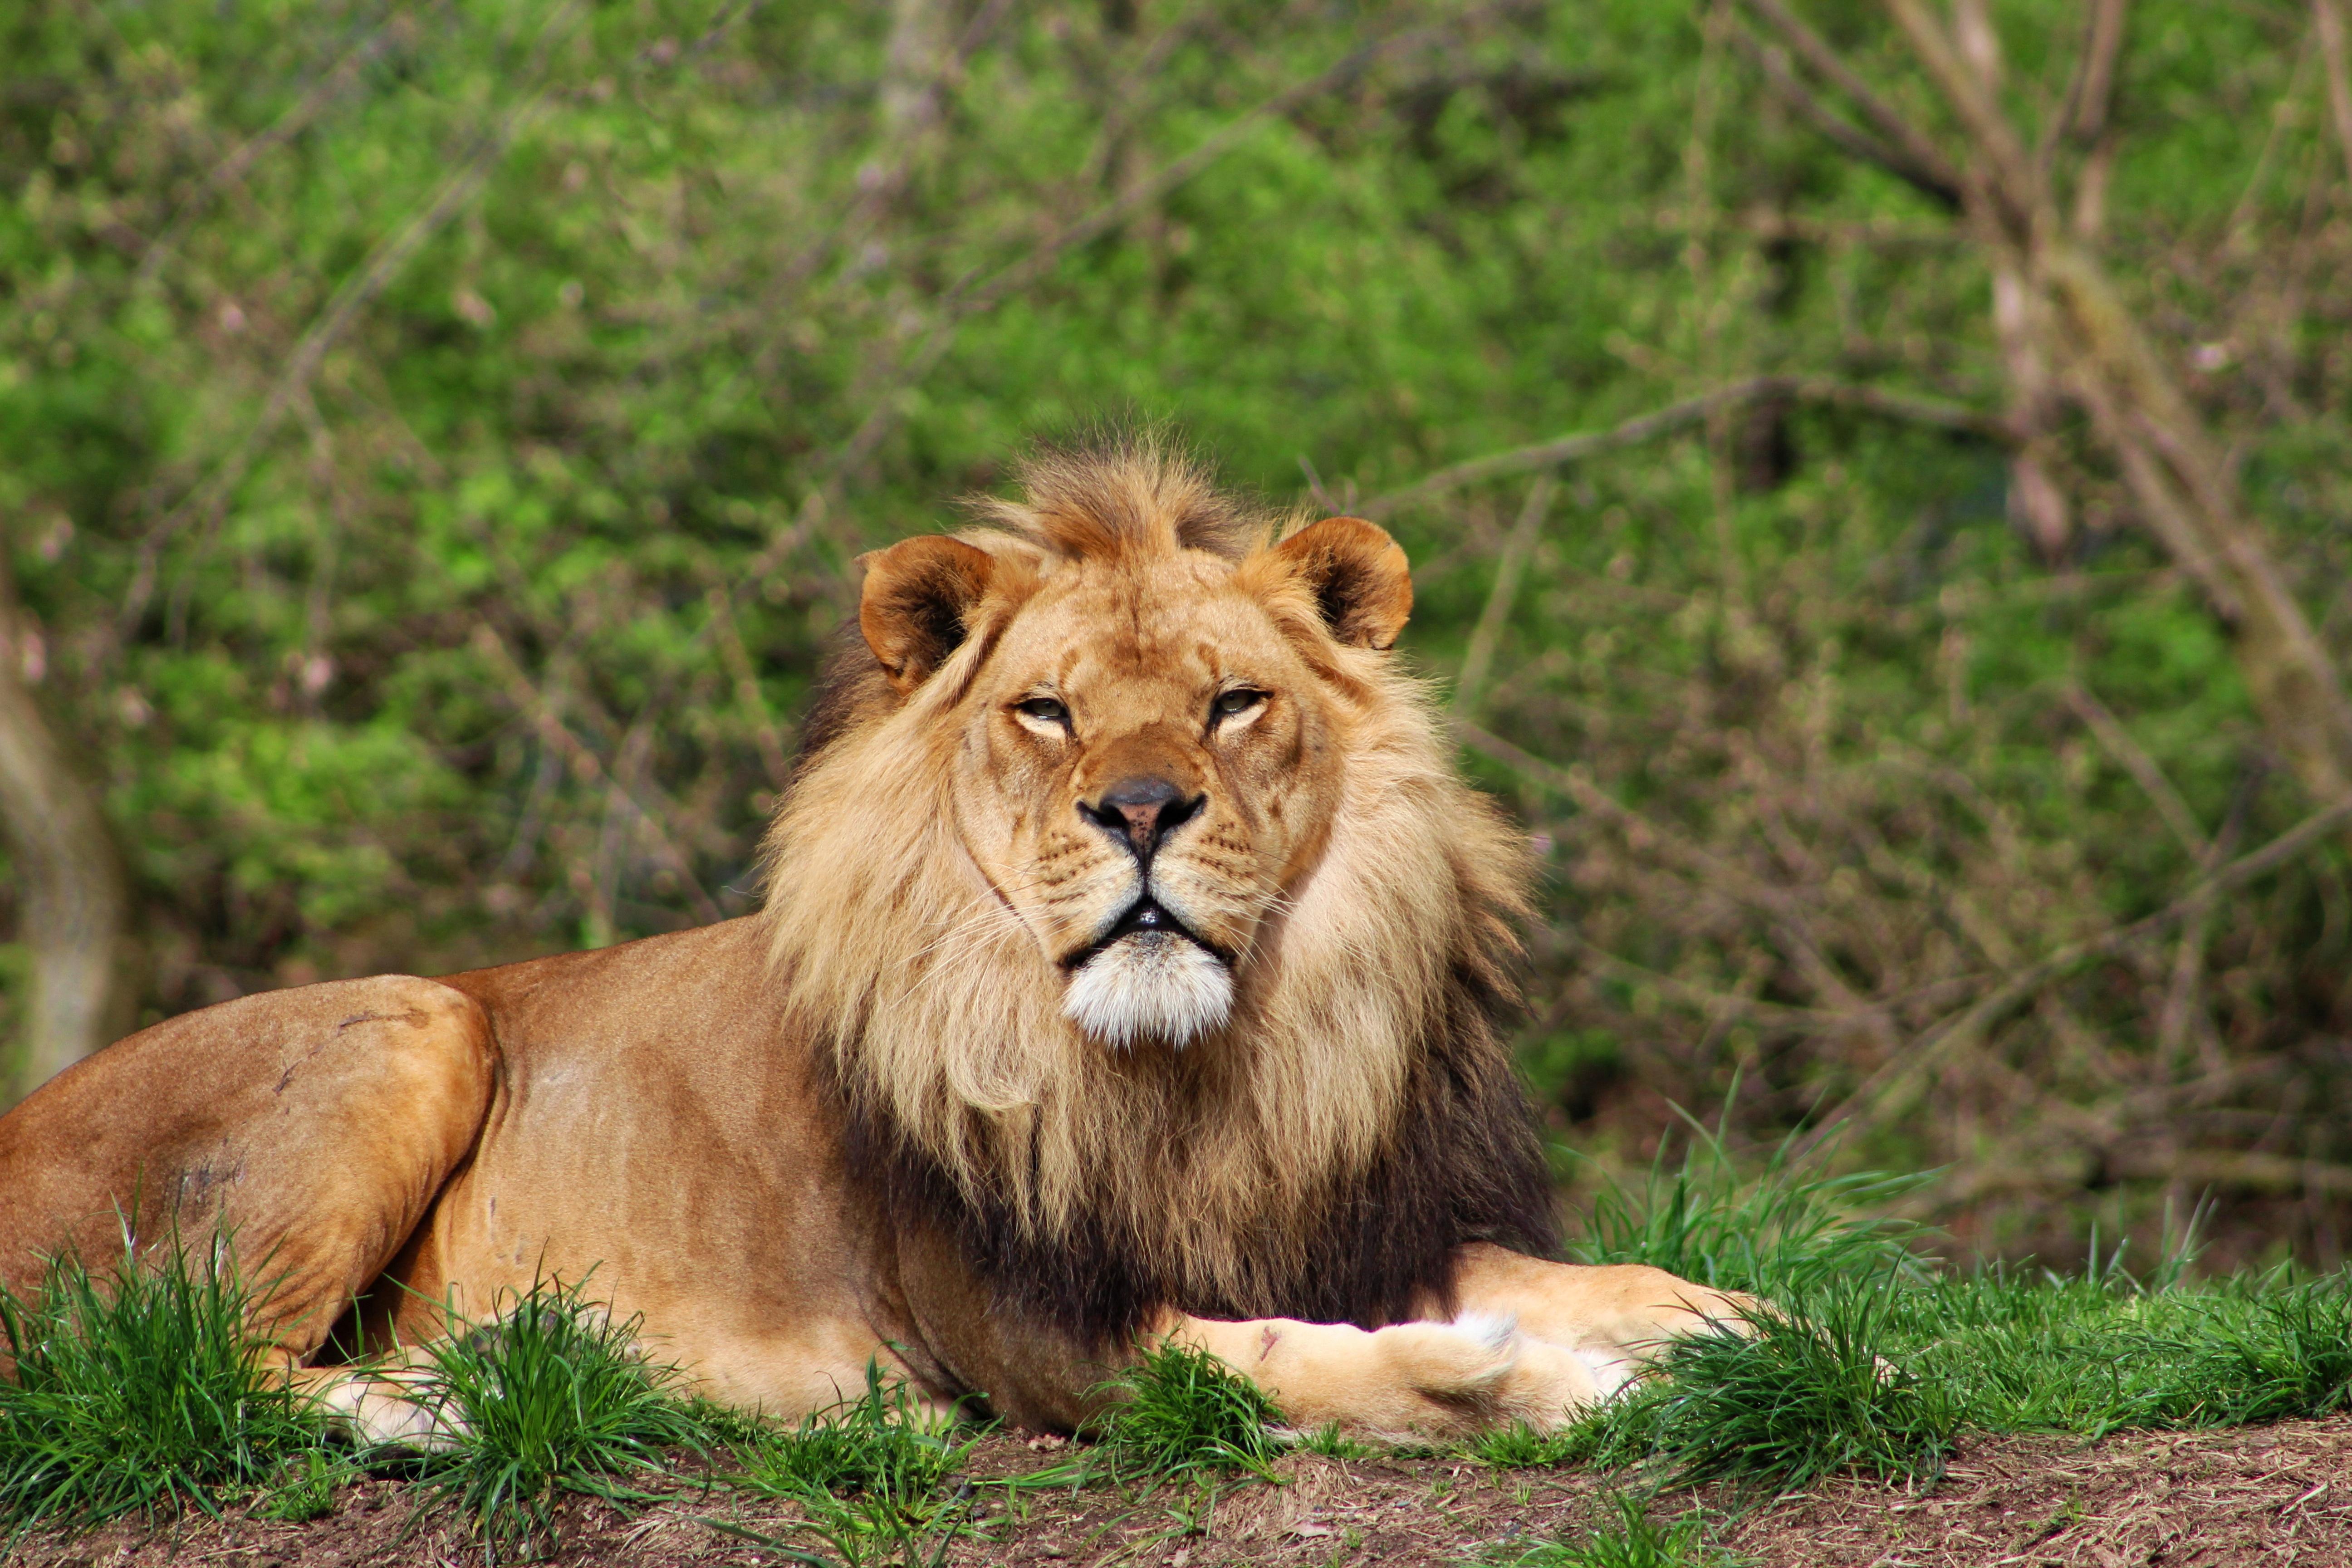 Lion at rest photo